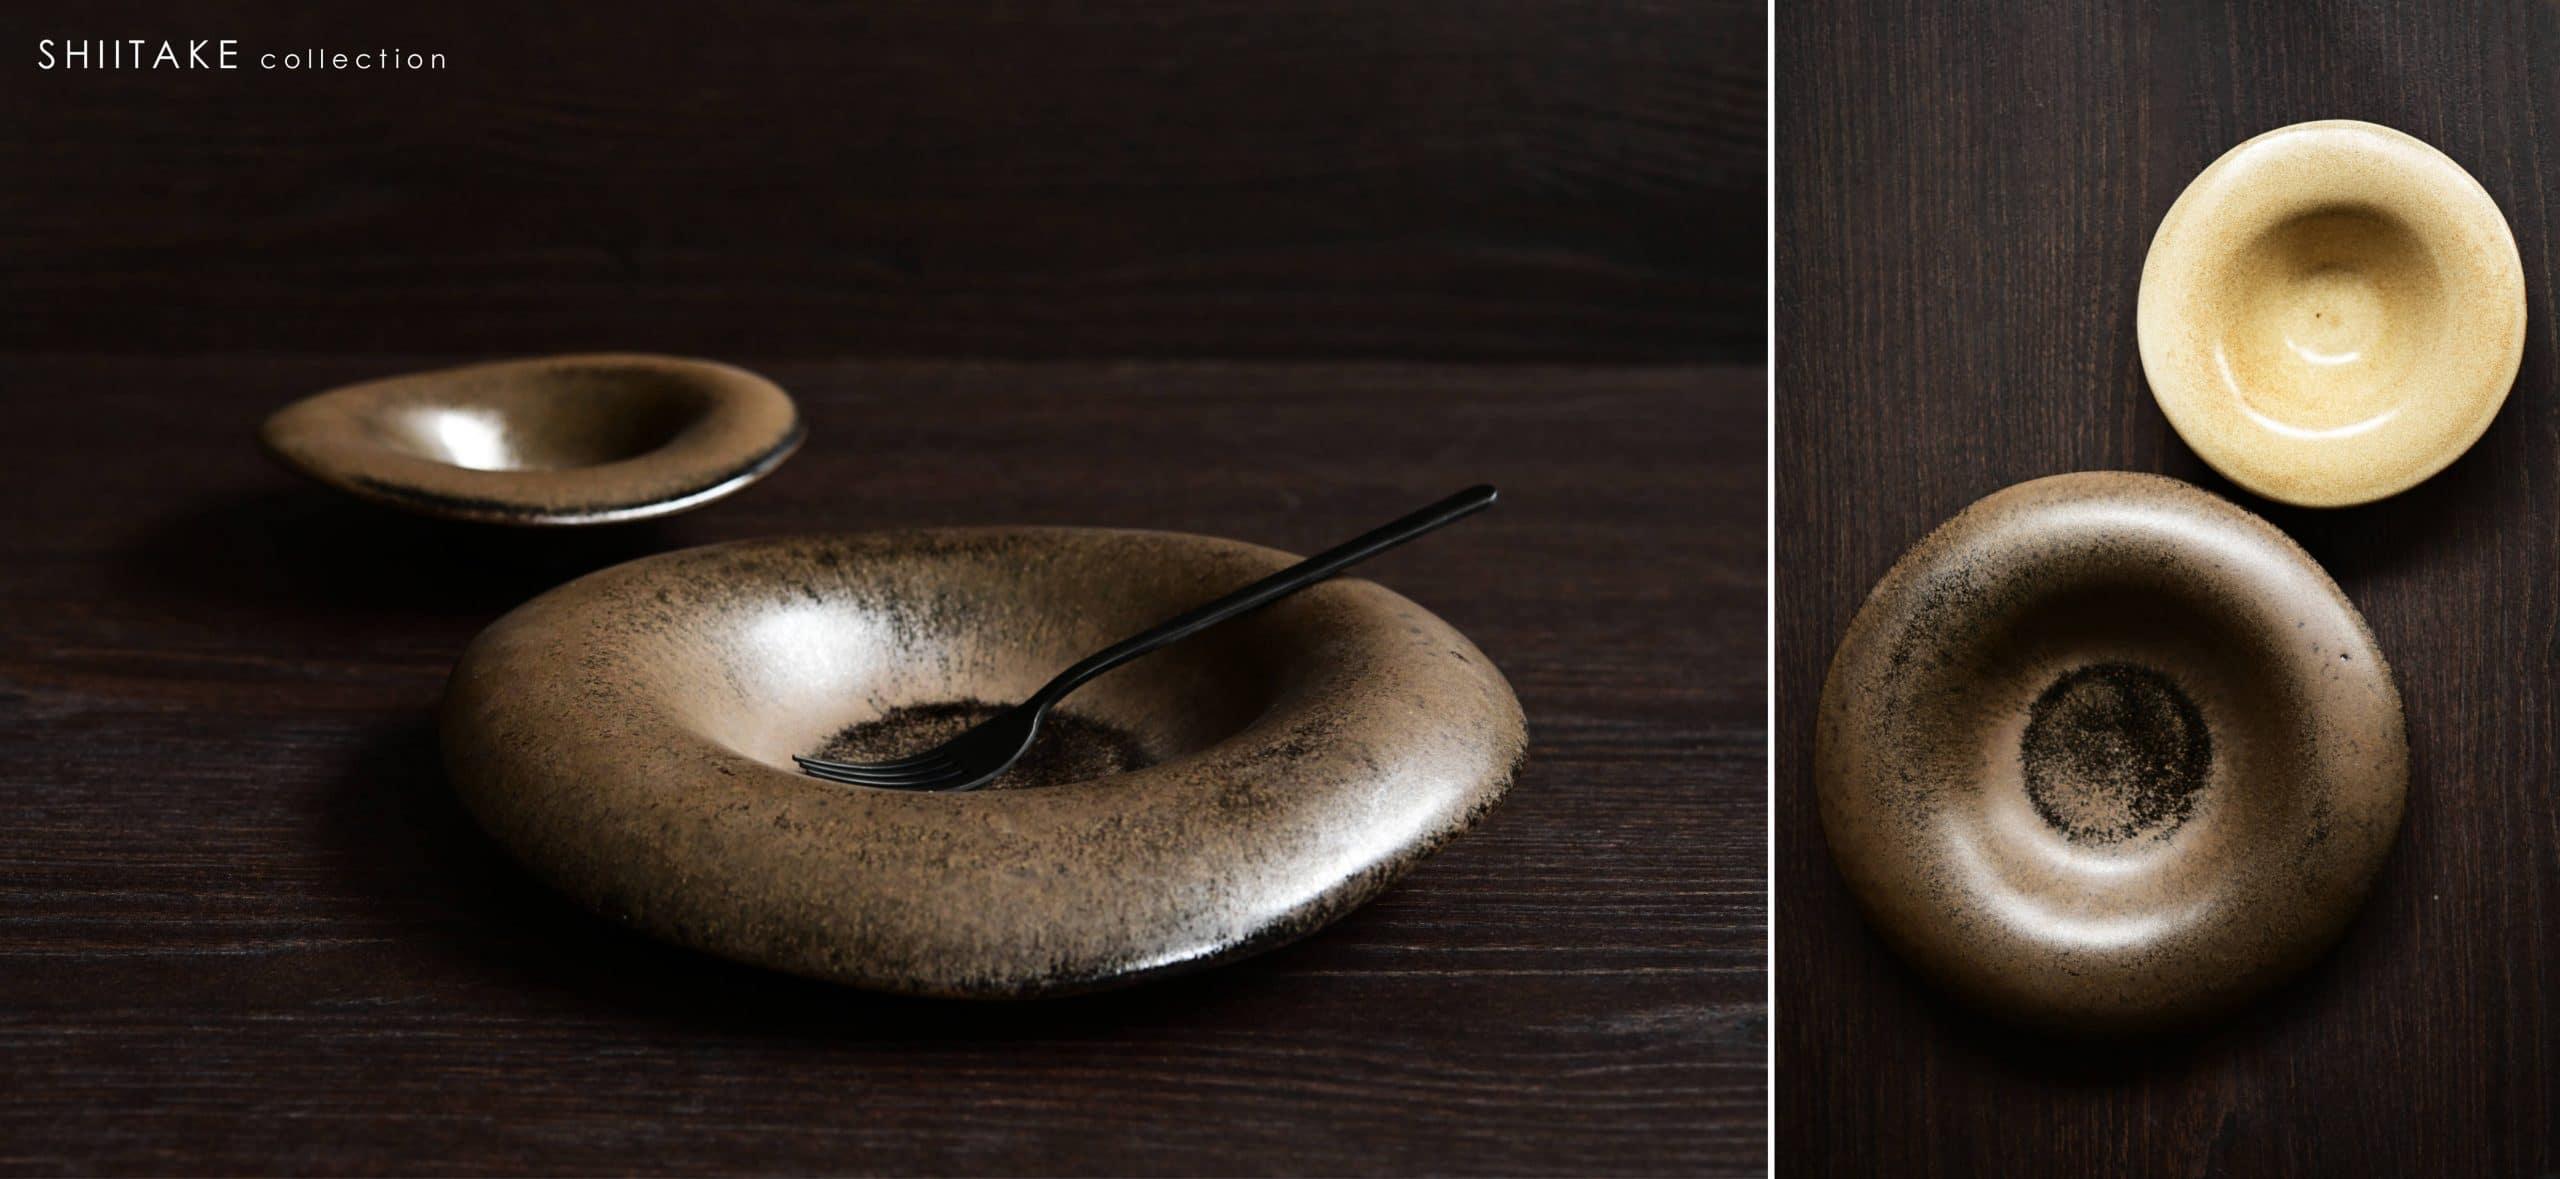 valdosol-porcelanic-shiitake